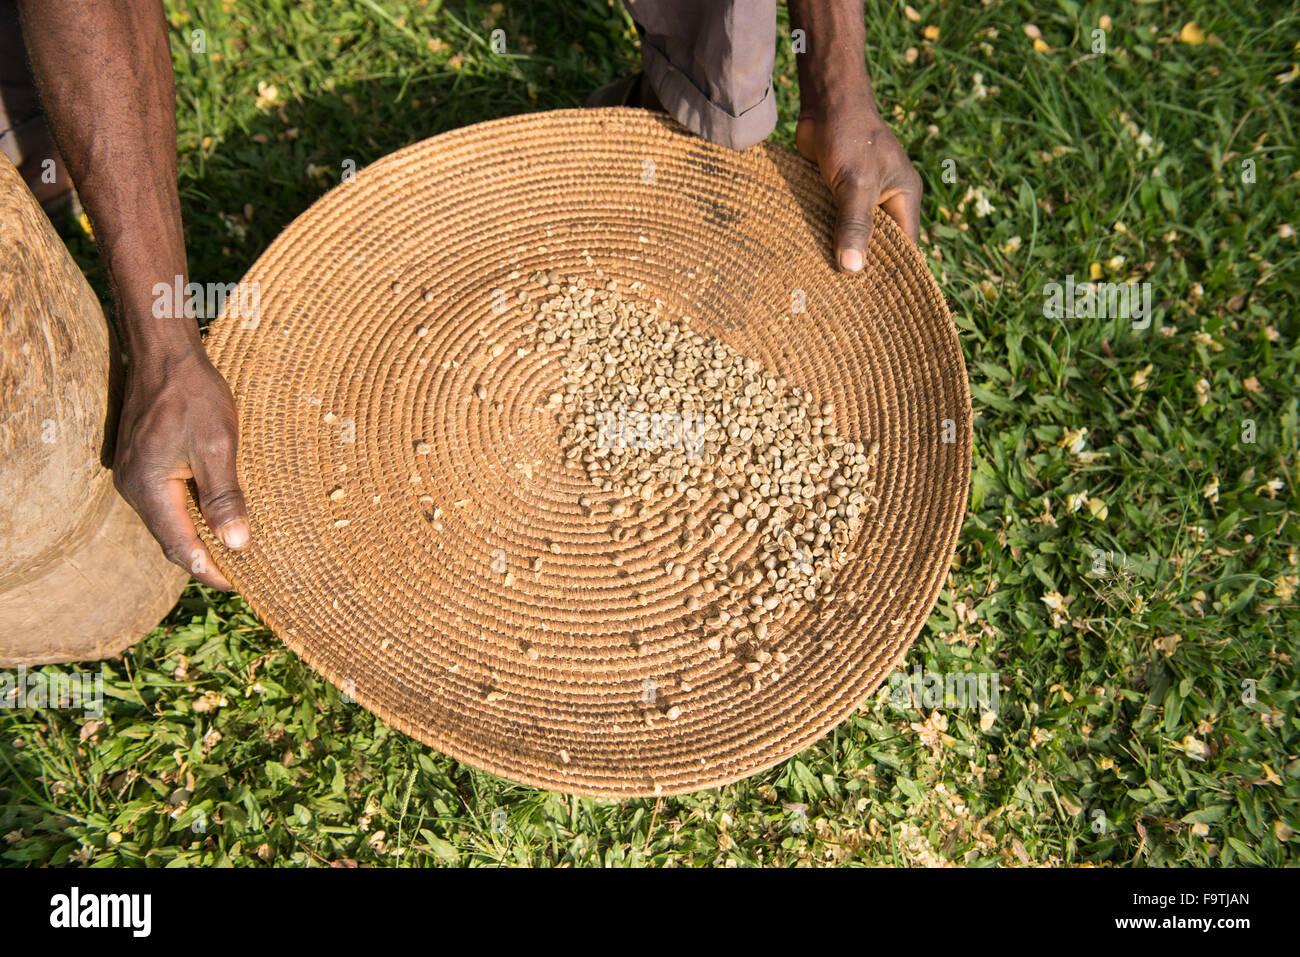 Los granos de café, la mujer Omwani cooperativa cafetalera, Uganda Imagen De Stock